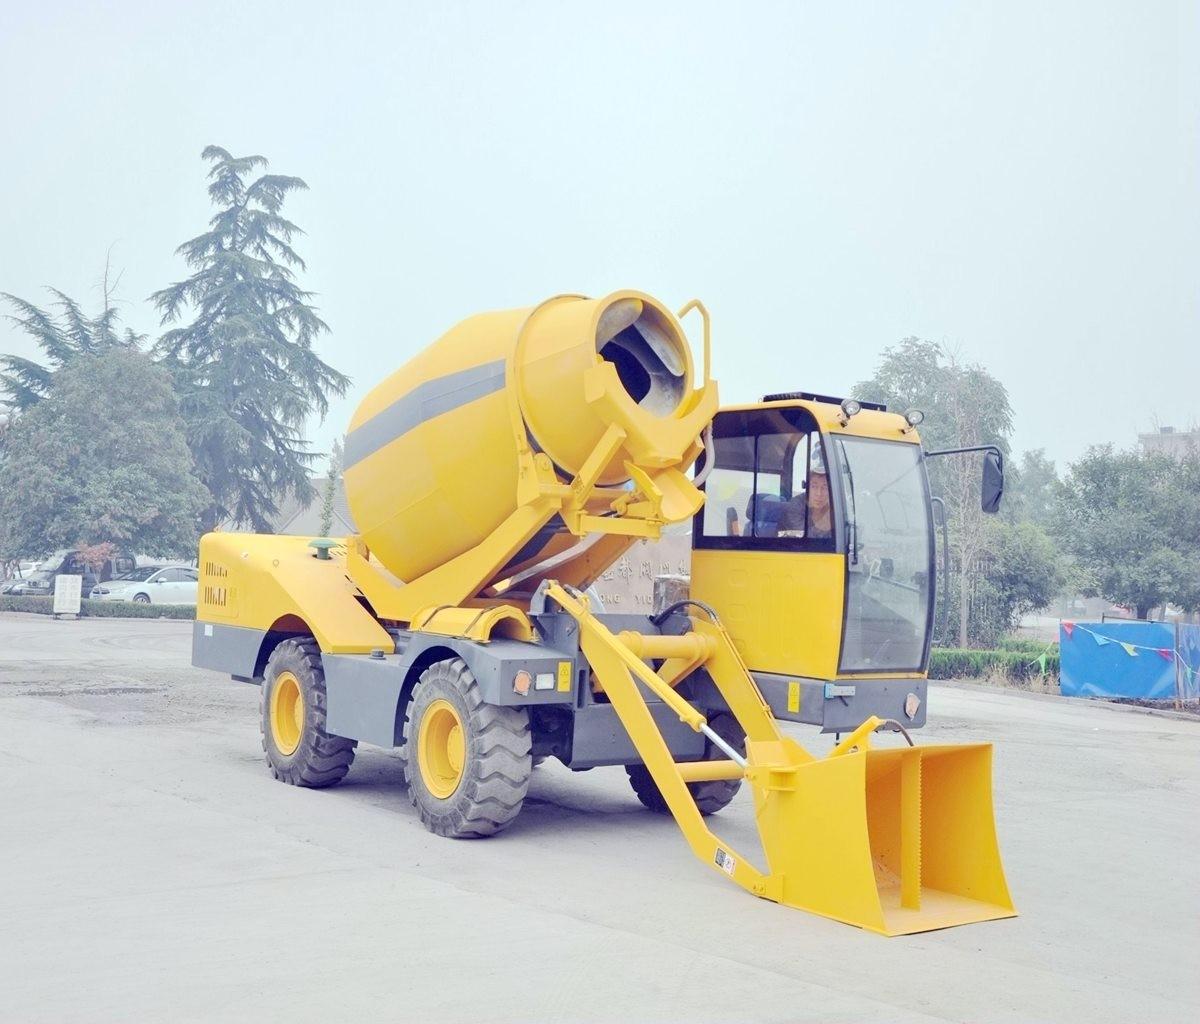 Sales Fiori Self Loading Mobile Concrete Mixer Price, Buy Fiori Self Loading Mobile Concrete Mixer Price, Fiori Self Loading Mobile Concrete Mixer Price Factory, Fiori Self Loading Mobile Concrete Mixer Price Brands